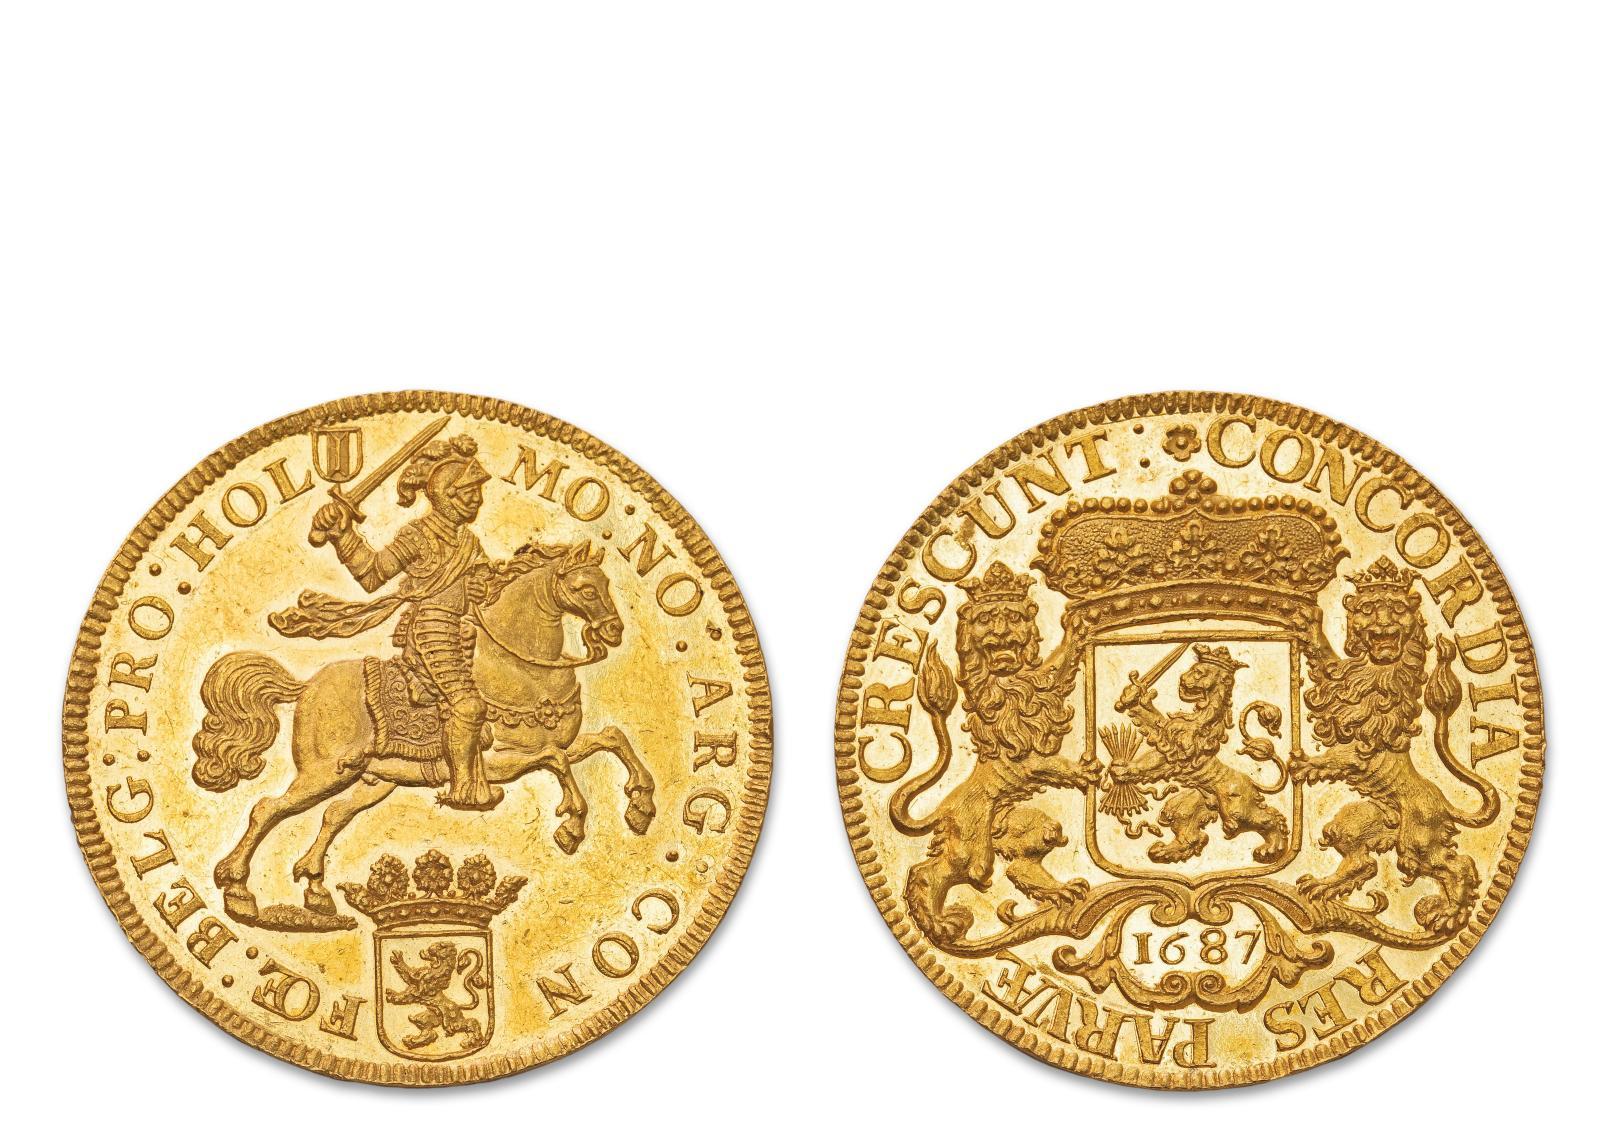 Pas moins de 30000/40000€ sont espérés de cette pièce de dix ducats d'or (34,51g) ciselée d'un cavalier chargeant, sabre au clair, et